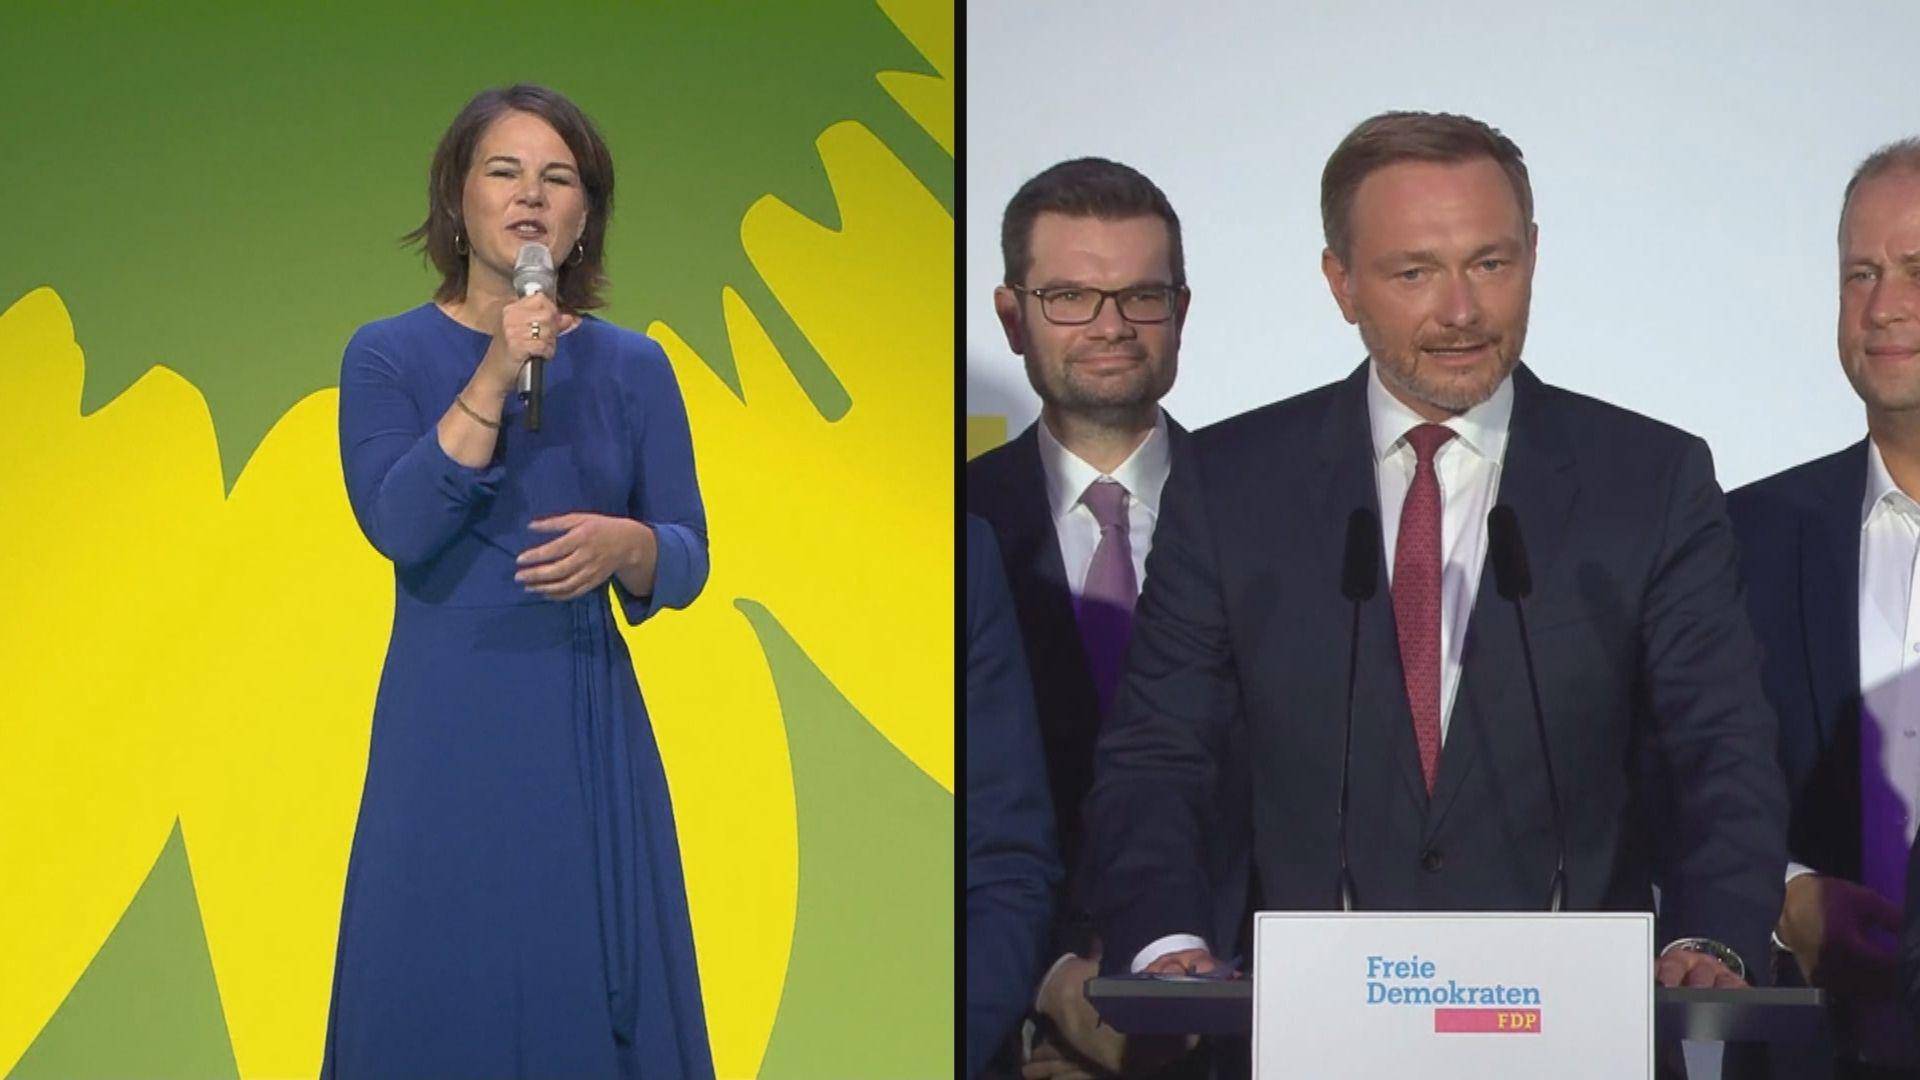 社民黨冀聖誕前與綠黨及自民黨達成籌組政府協議